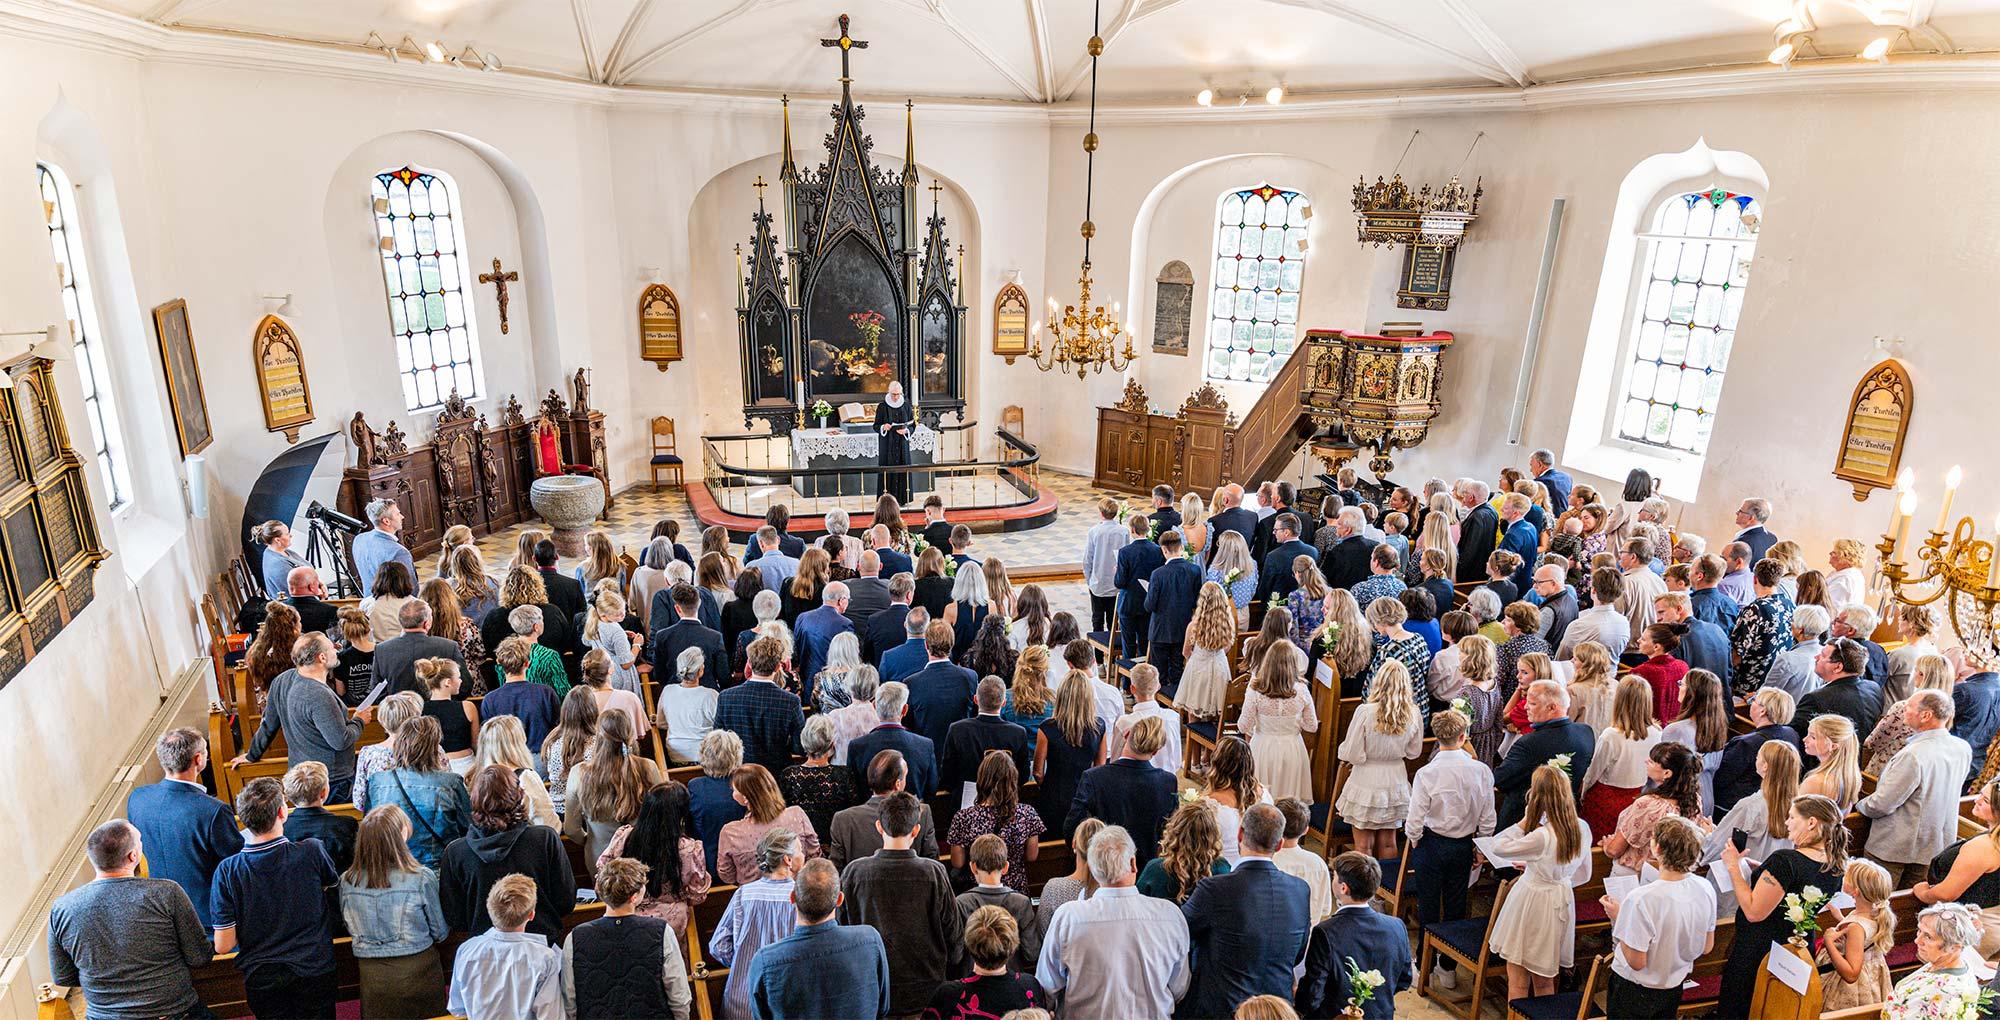 Efter en lang periode med coronarestriktioner er det nu atter muligt at fylde kirken med familie og venner under konfirmationer. Foto: TorbenStender.